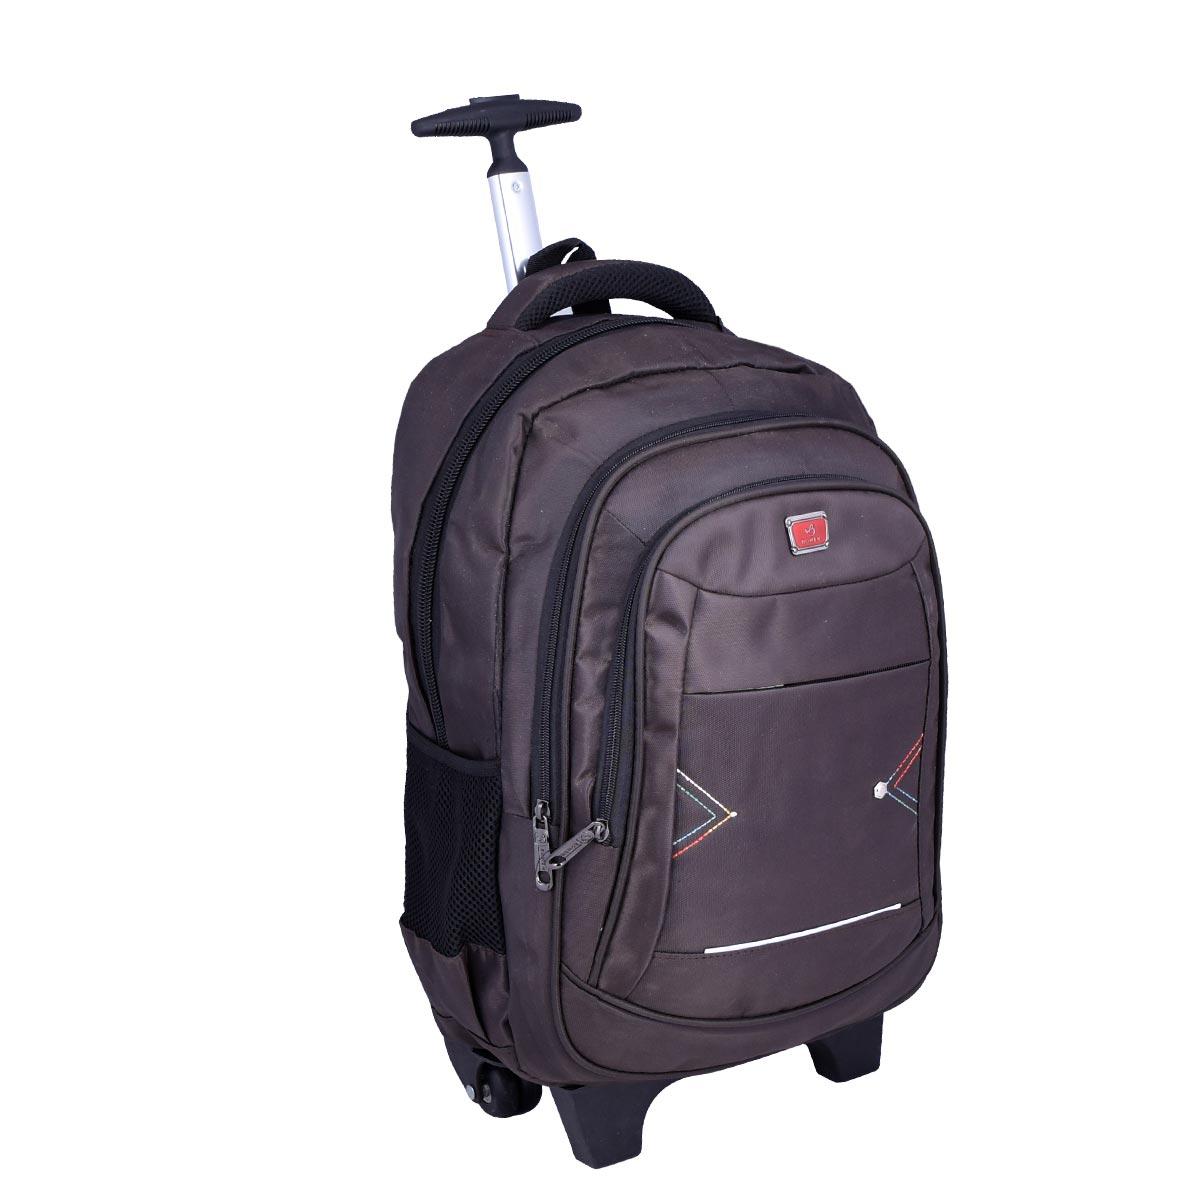 حقيبة ظهر مدرسية , بعجلات , الوان متعددة ,  موديل YM-21511